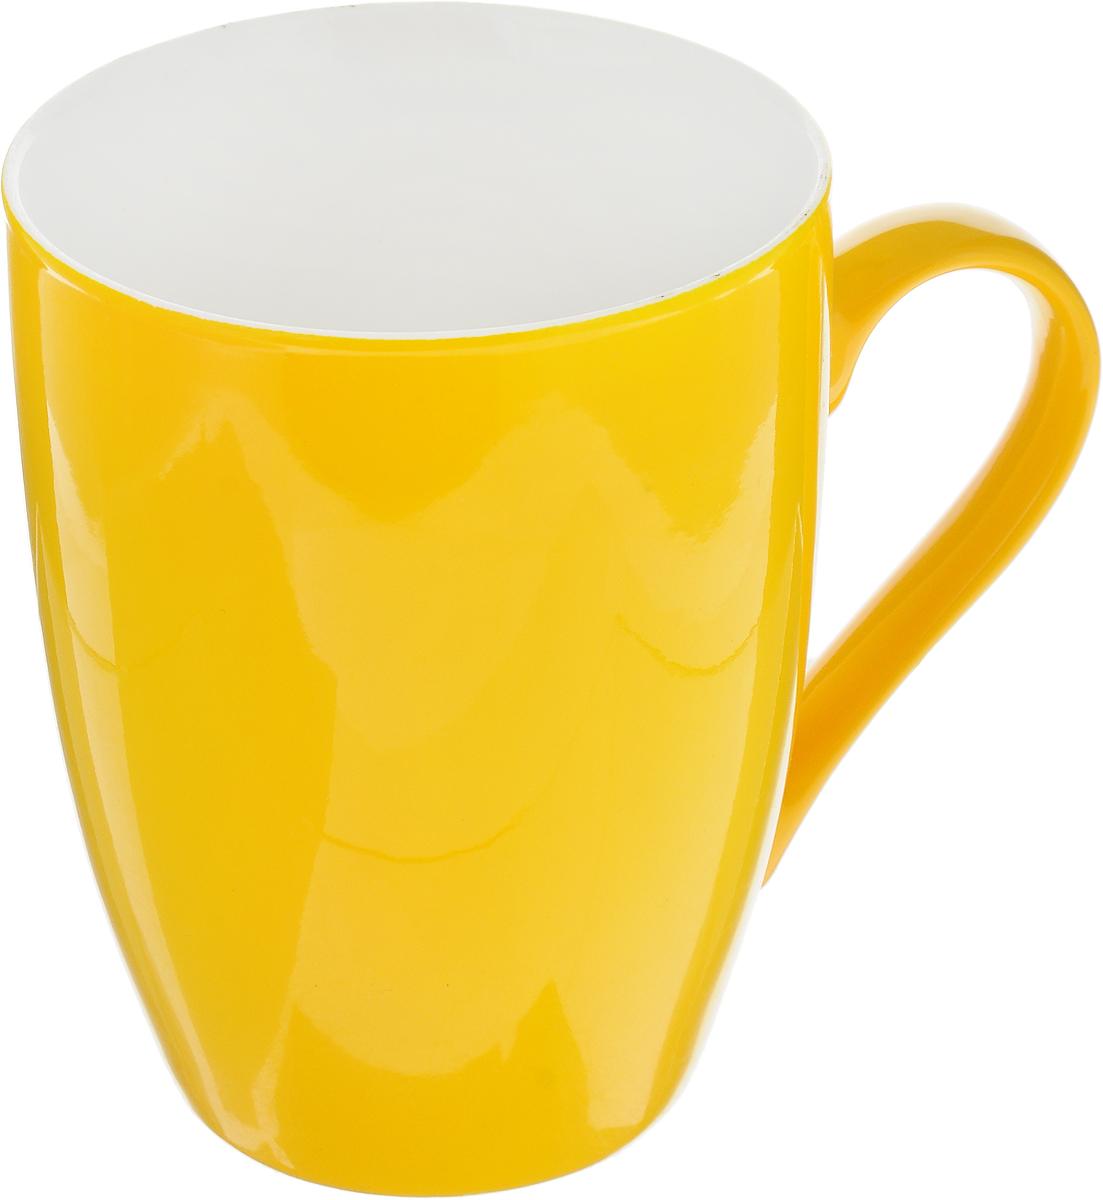 Кружка Доляна Радуга, цвет: желтый, белый, 300 мл699260_желтыйКружка Доляна Радуга изготовлена из высококачественной керамики и покрыта превосходной сверкающей глазурью. Изделие имеет яркий дизайн.Такая кружка прекрасно оформит стол к чаепитию и станет его неизменным атрибутом.Диаметр кружки (по верхнему краю): 8 см.Высота кружки: 10,5 см.